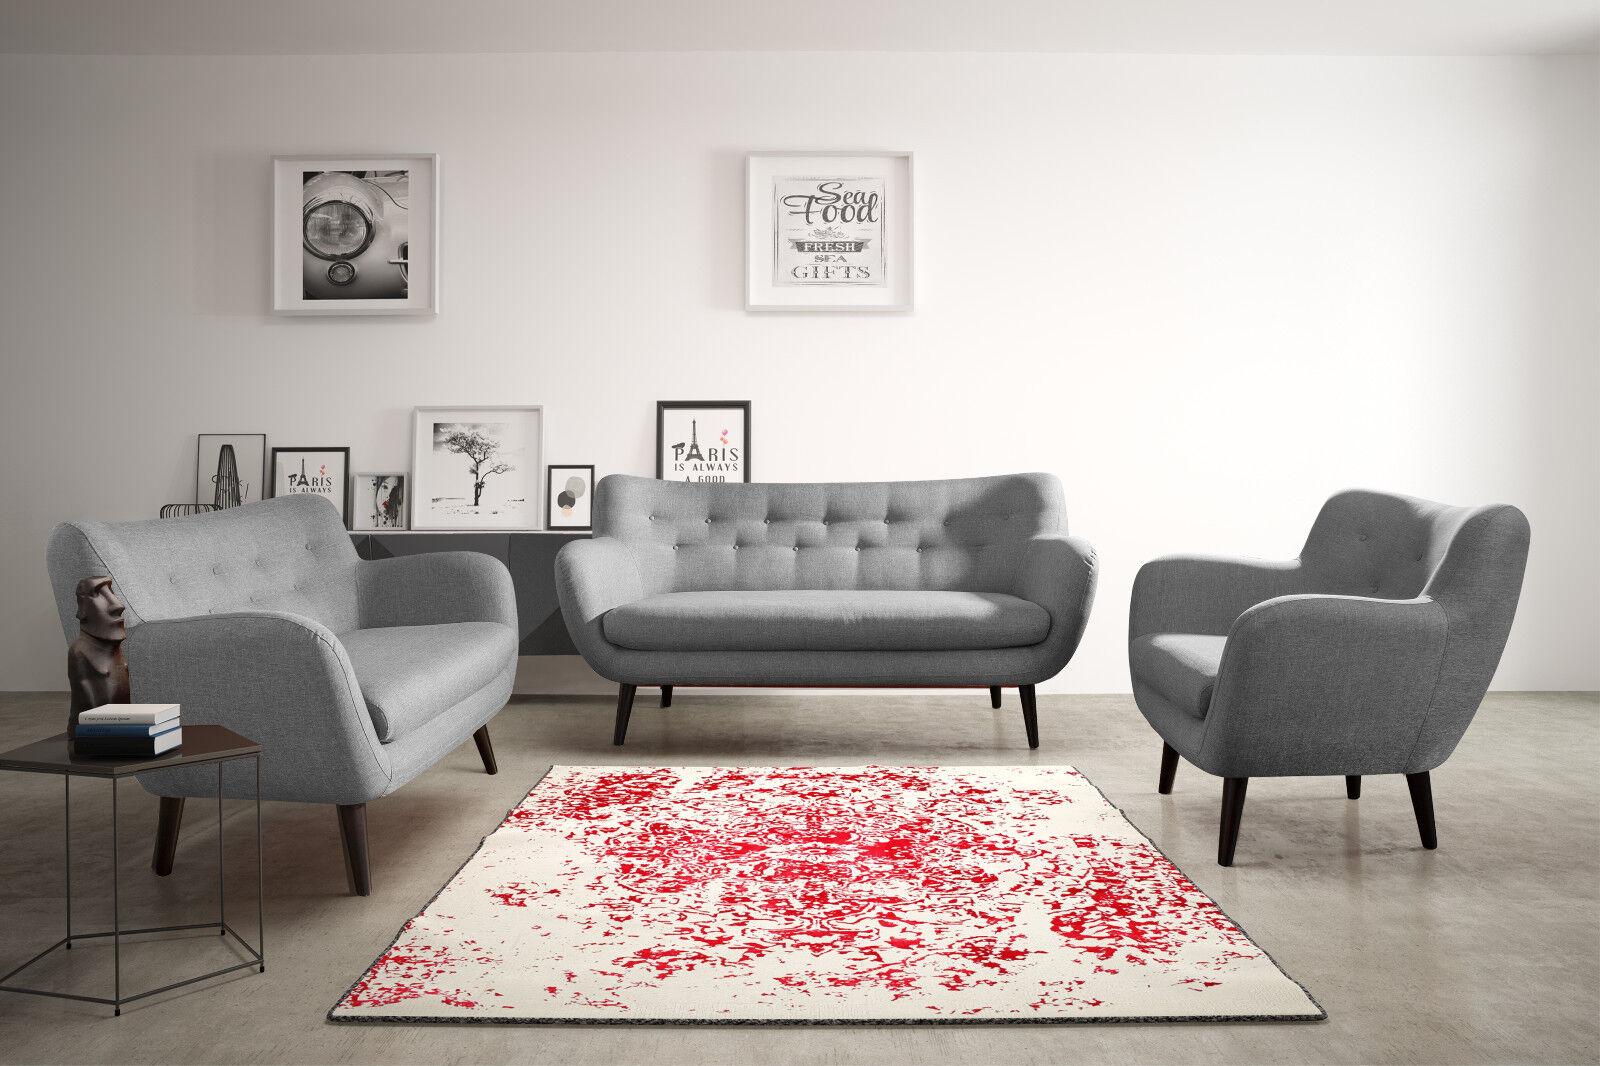 2-Sitzer Sofa ADDE 3-Sizter Modern Set Wohnzimmerset Garnitur Polstersofa 13